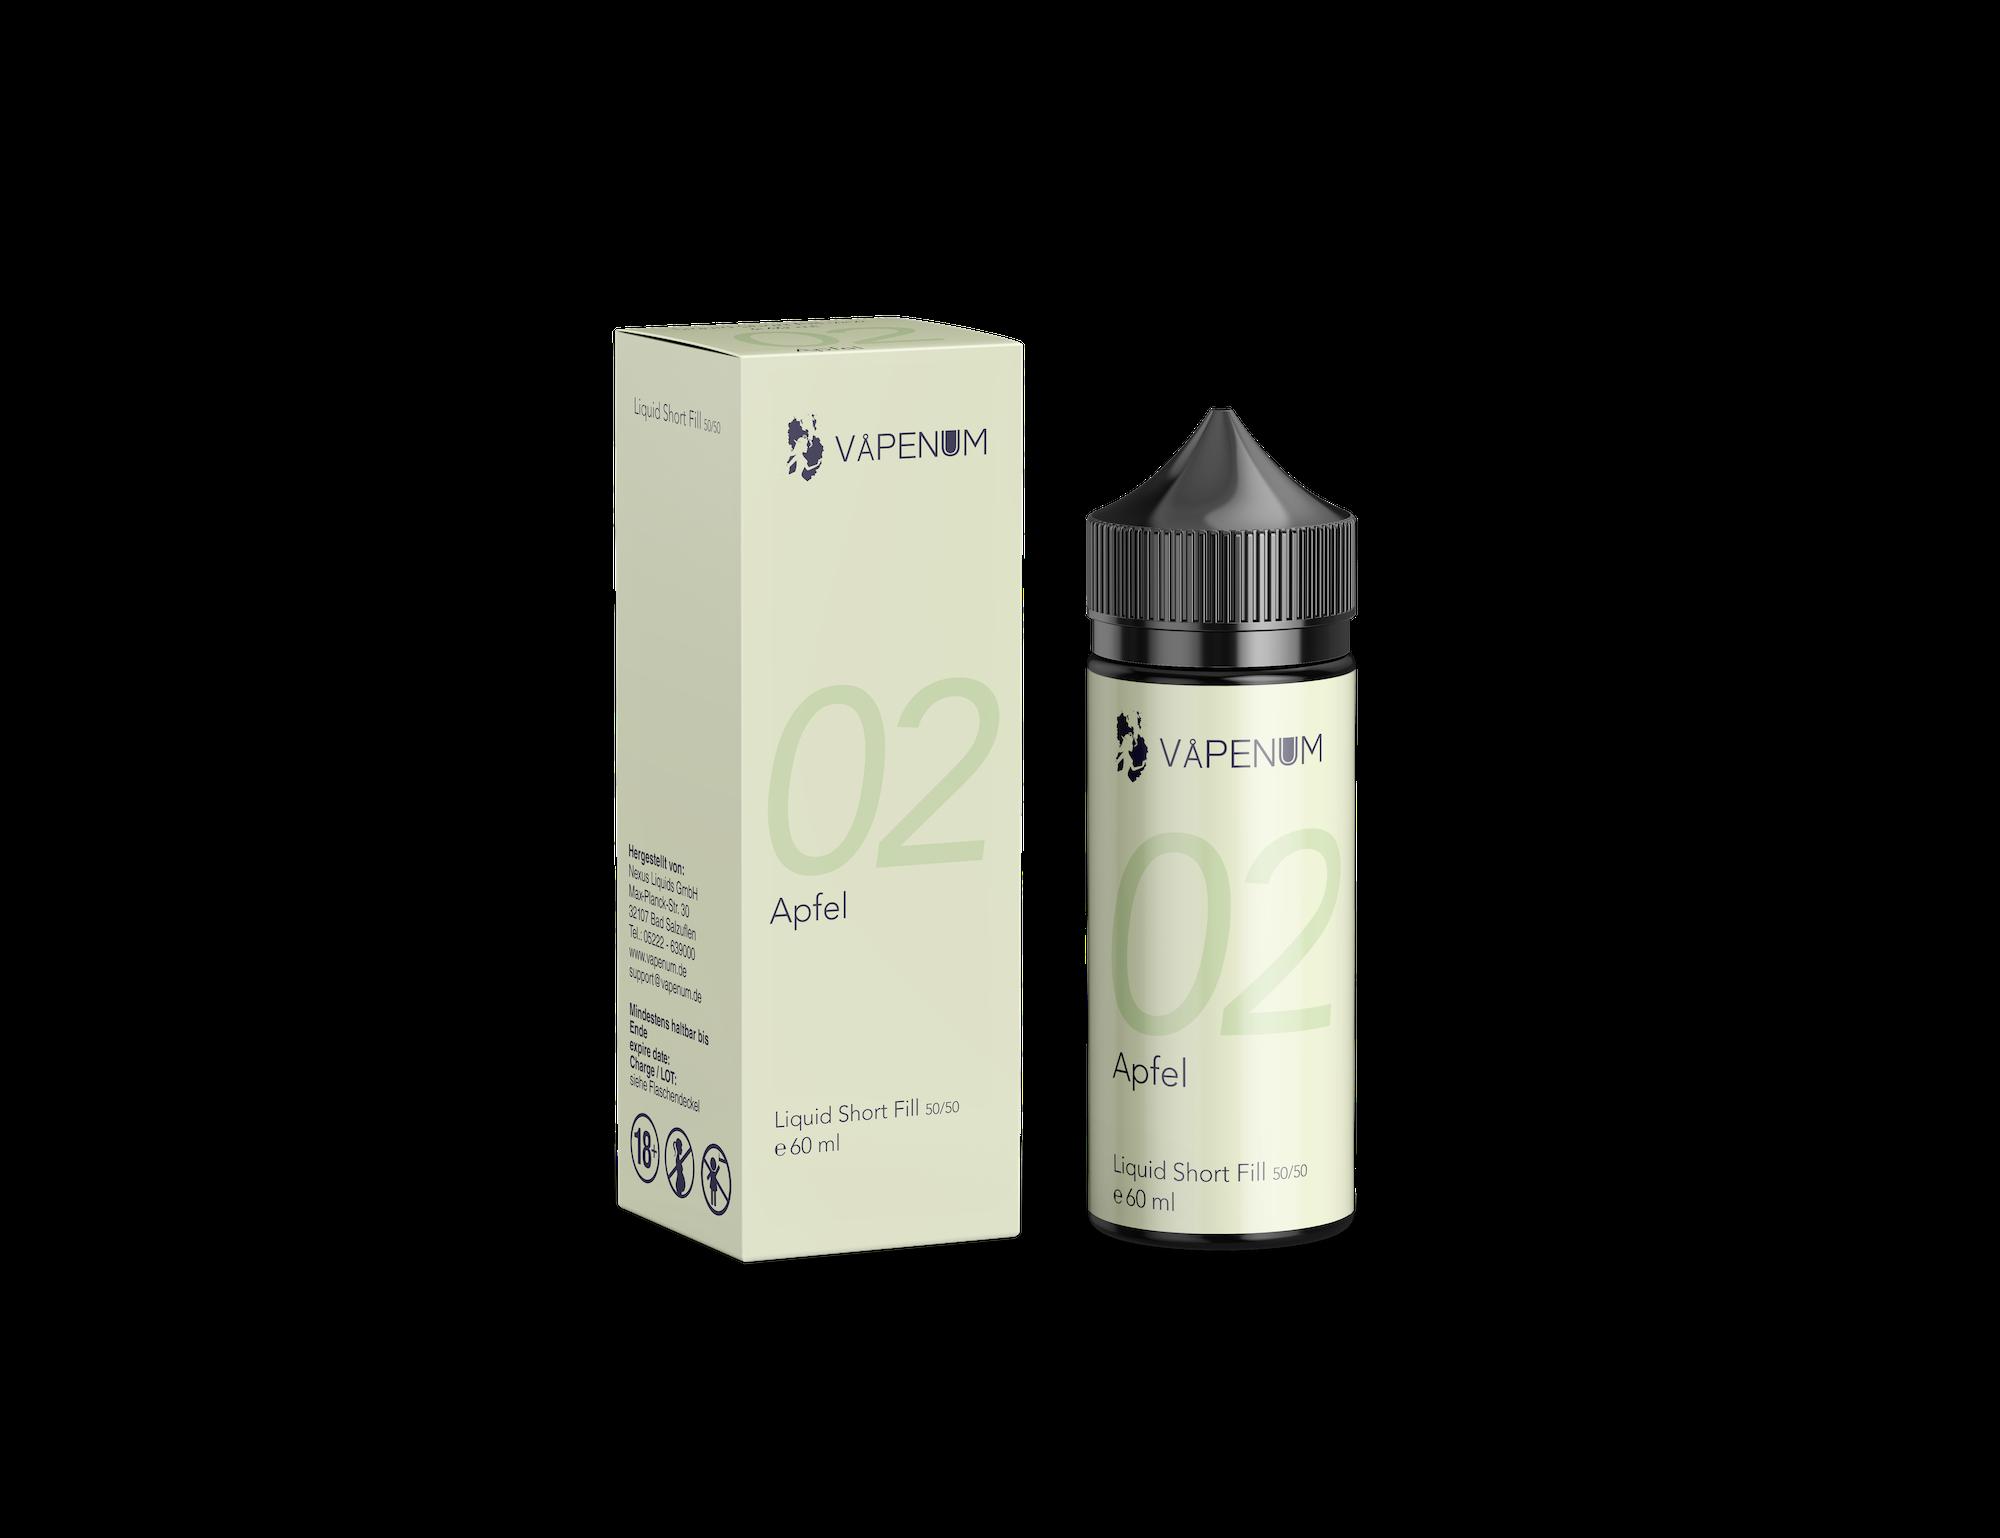 Vapenum Shortfill 02 - Apfel